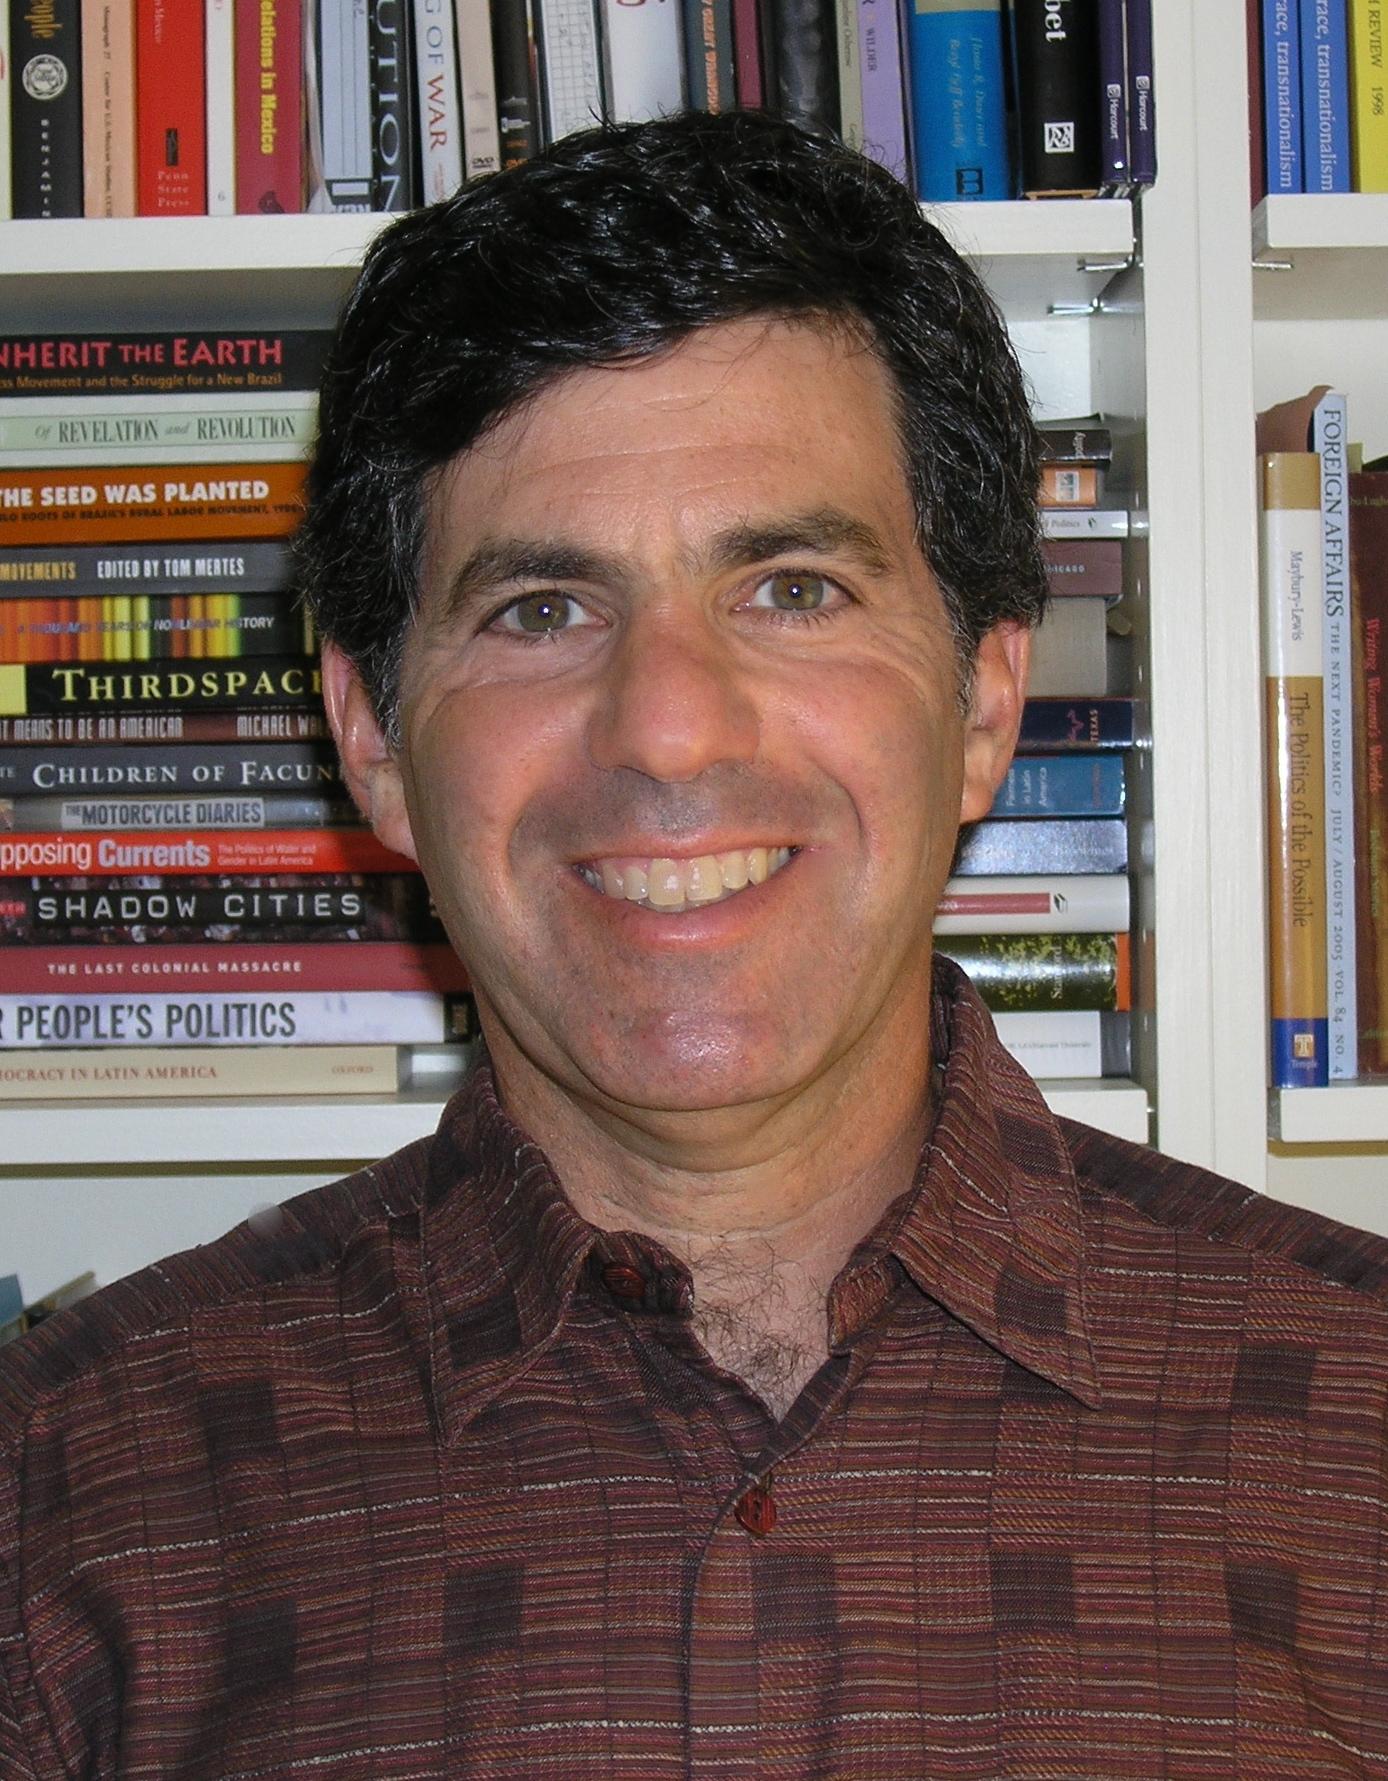 Jeffrey Rubin